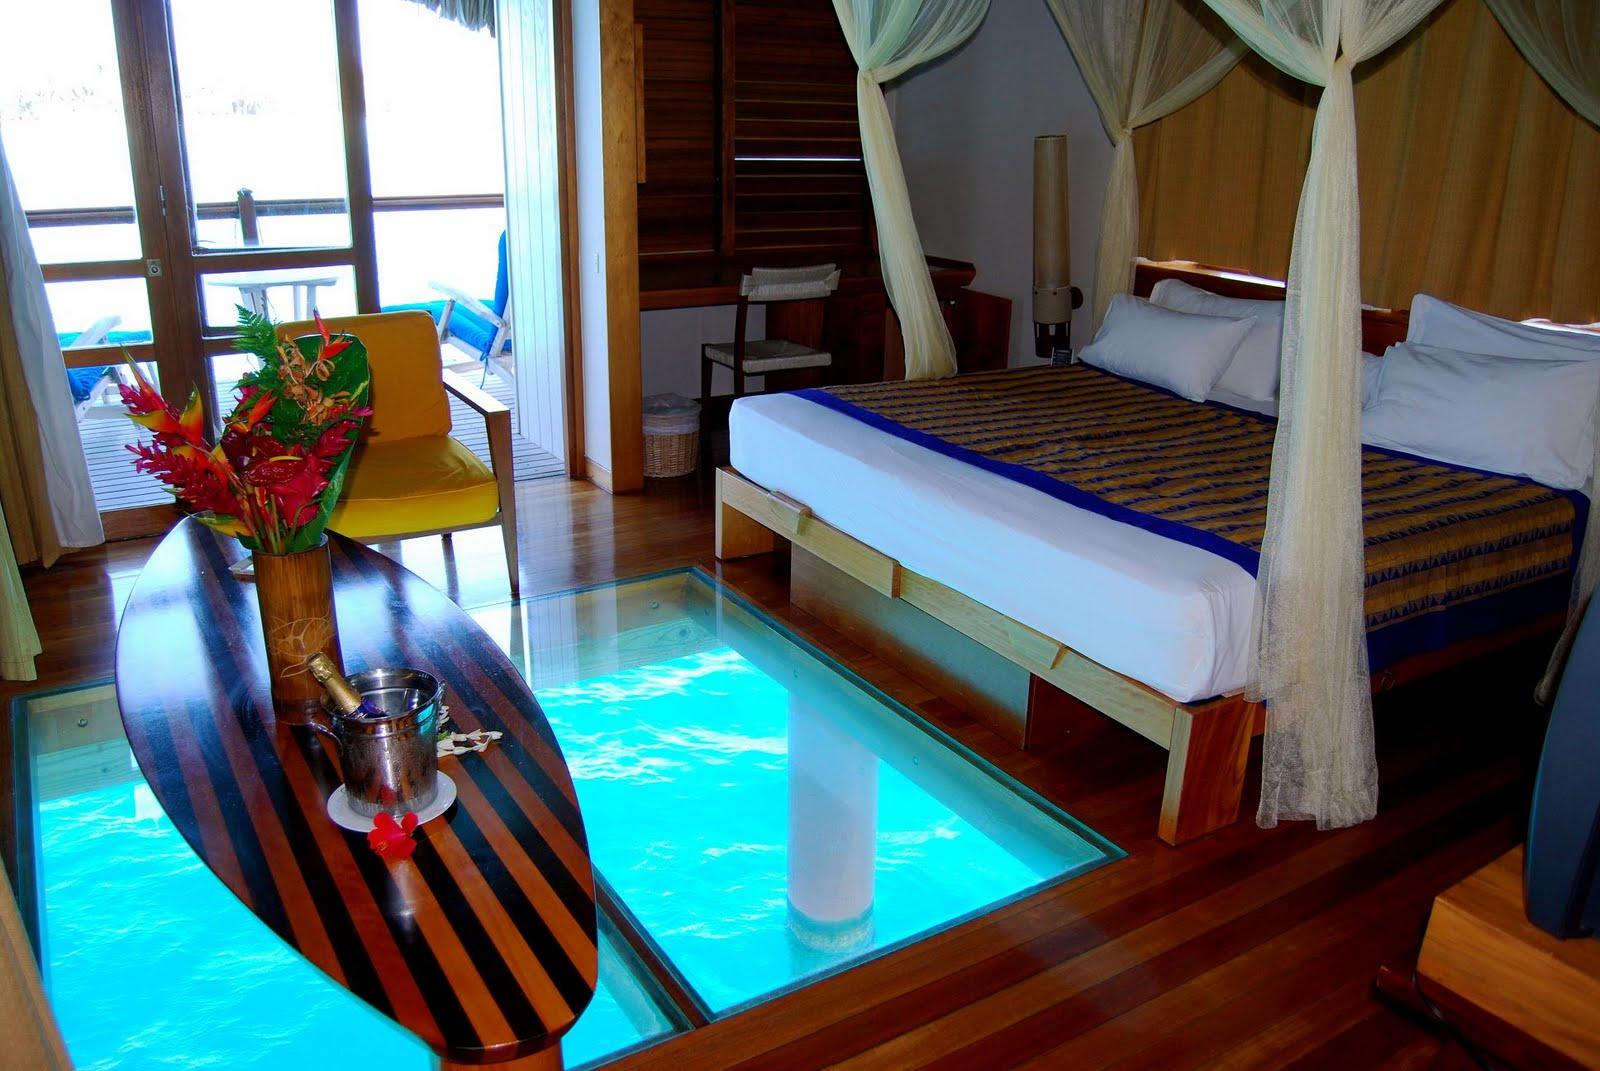 Erotica Hotel Room Service